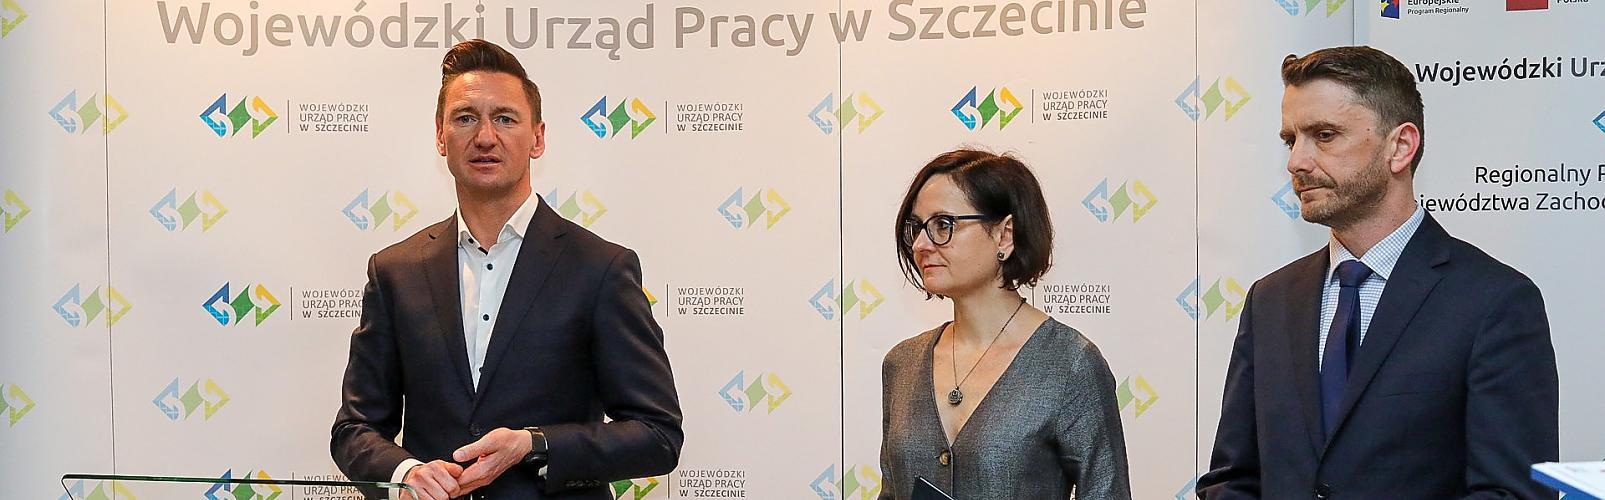 Konferencja prasowa 3 marca 2020 r. w WUP. Na zdjęciu: Marszałek Olgierd Geblewicz oraz dyrektor WUP w Szczecinie Andrzej Przewoda podsumowali dotychczasowe działania, w środku rzecznik Gabriela Wiatr.